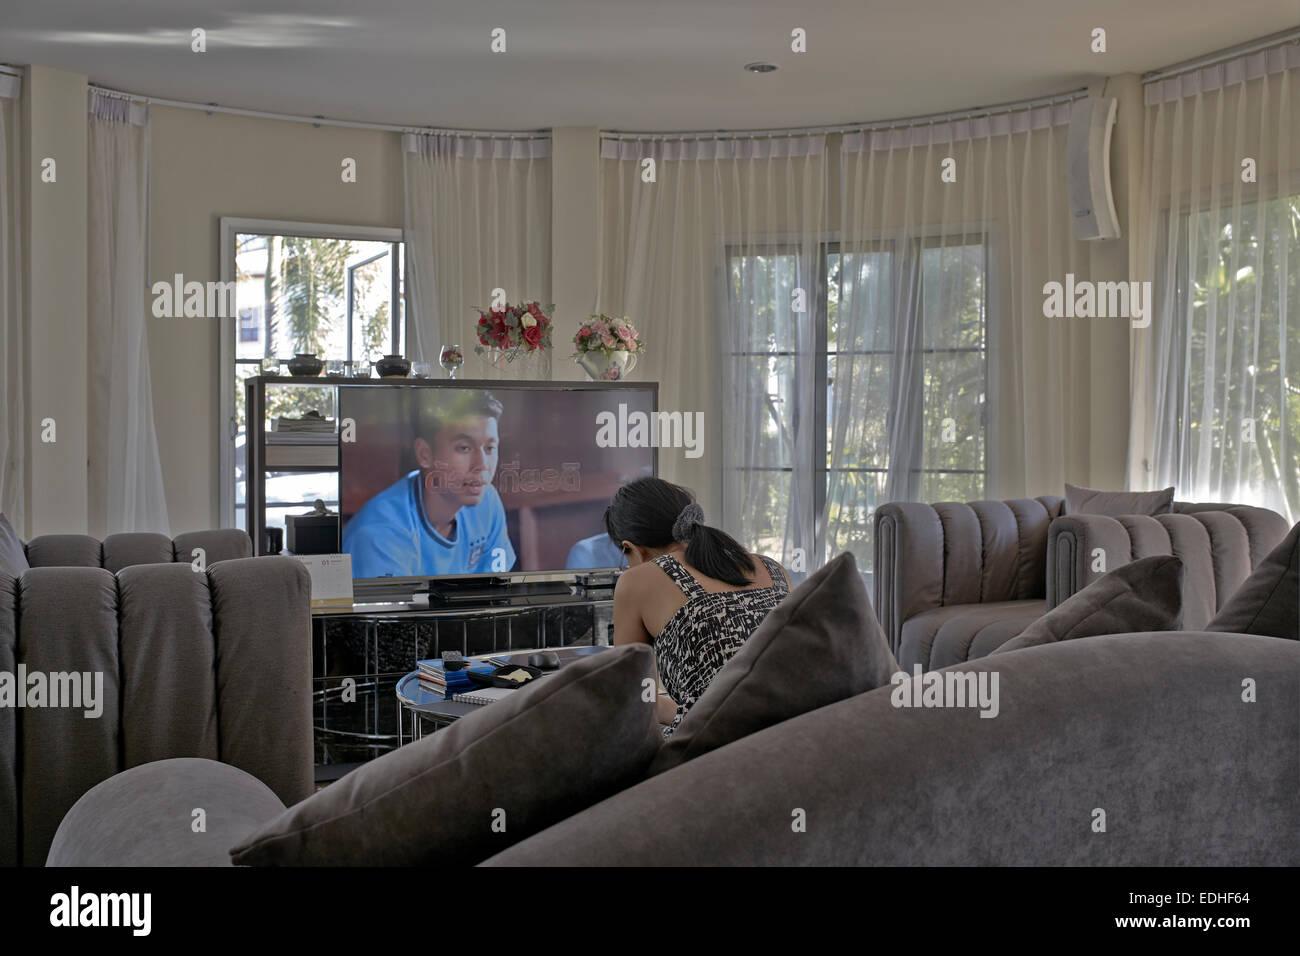 Astounding Moderne Wohnlandschaft Dekoration Von Mit Weichen Möbeln Und Boden Bis Zur